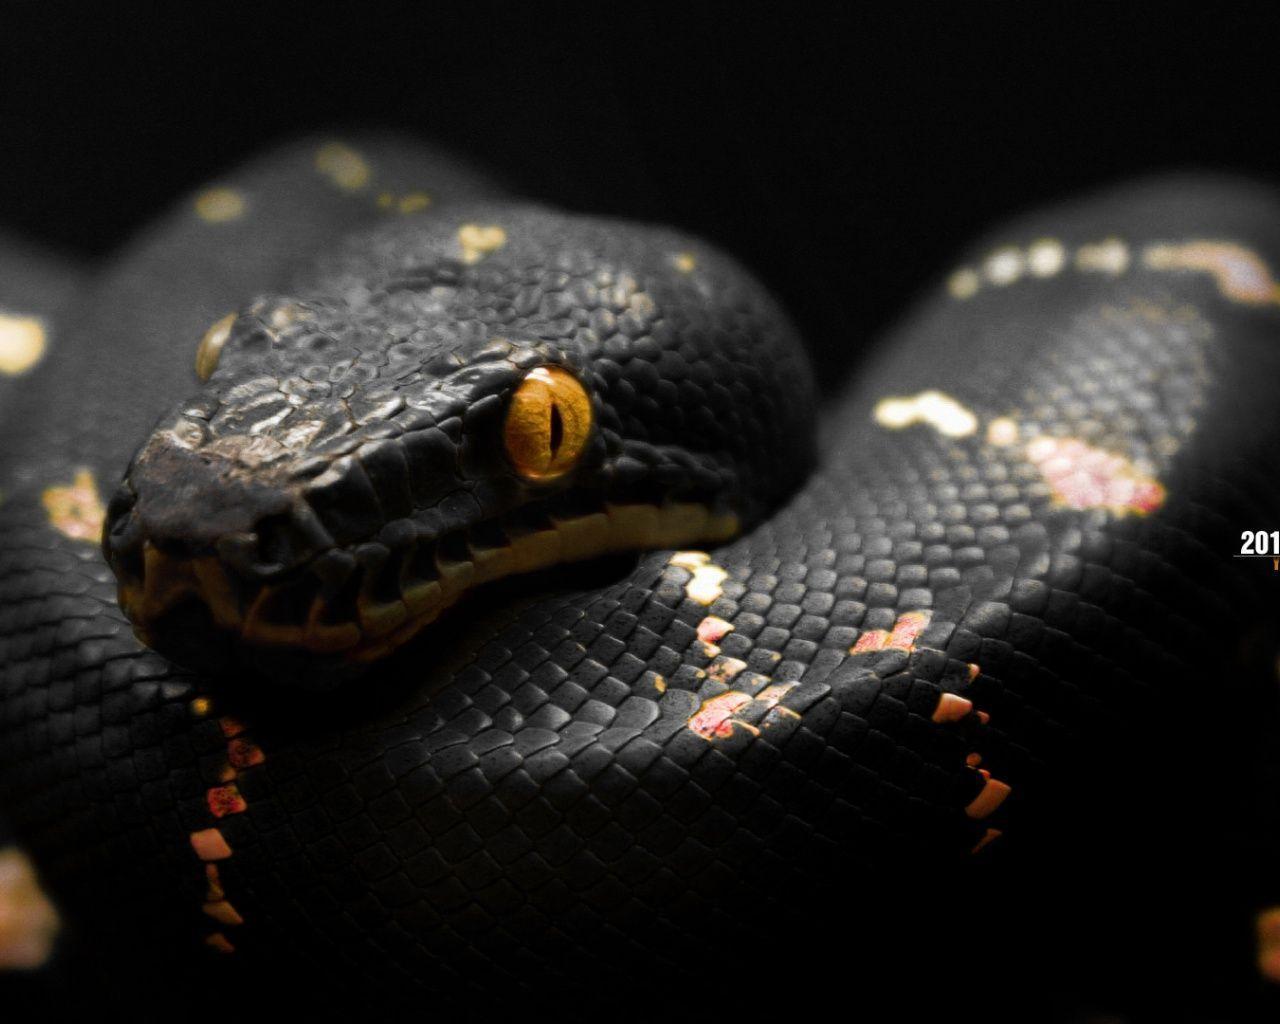 King Snake Hd Pictures Fantastic Snake Wallpaper: Cool Snake Backgrounds